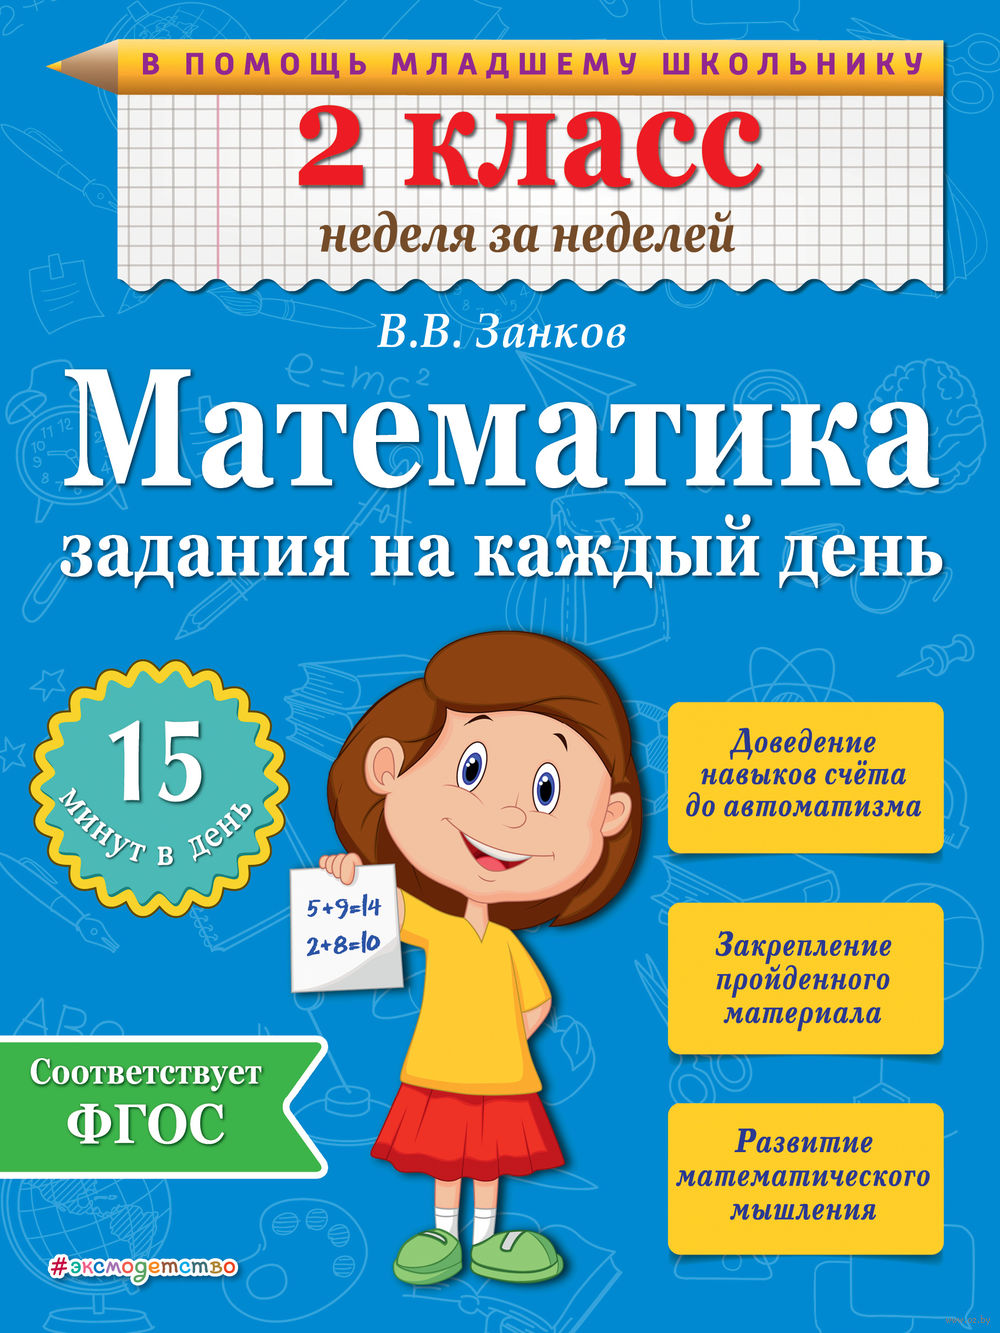 Математика класс Задания на каждый день Владимир Занков  Математика 2 класс Задания на каждый день фото картинка